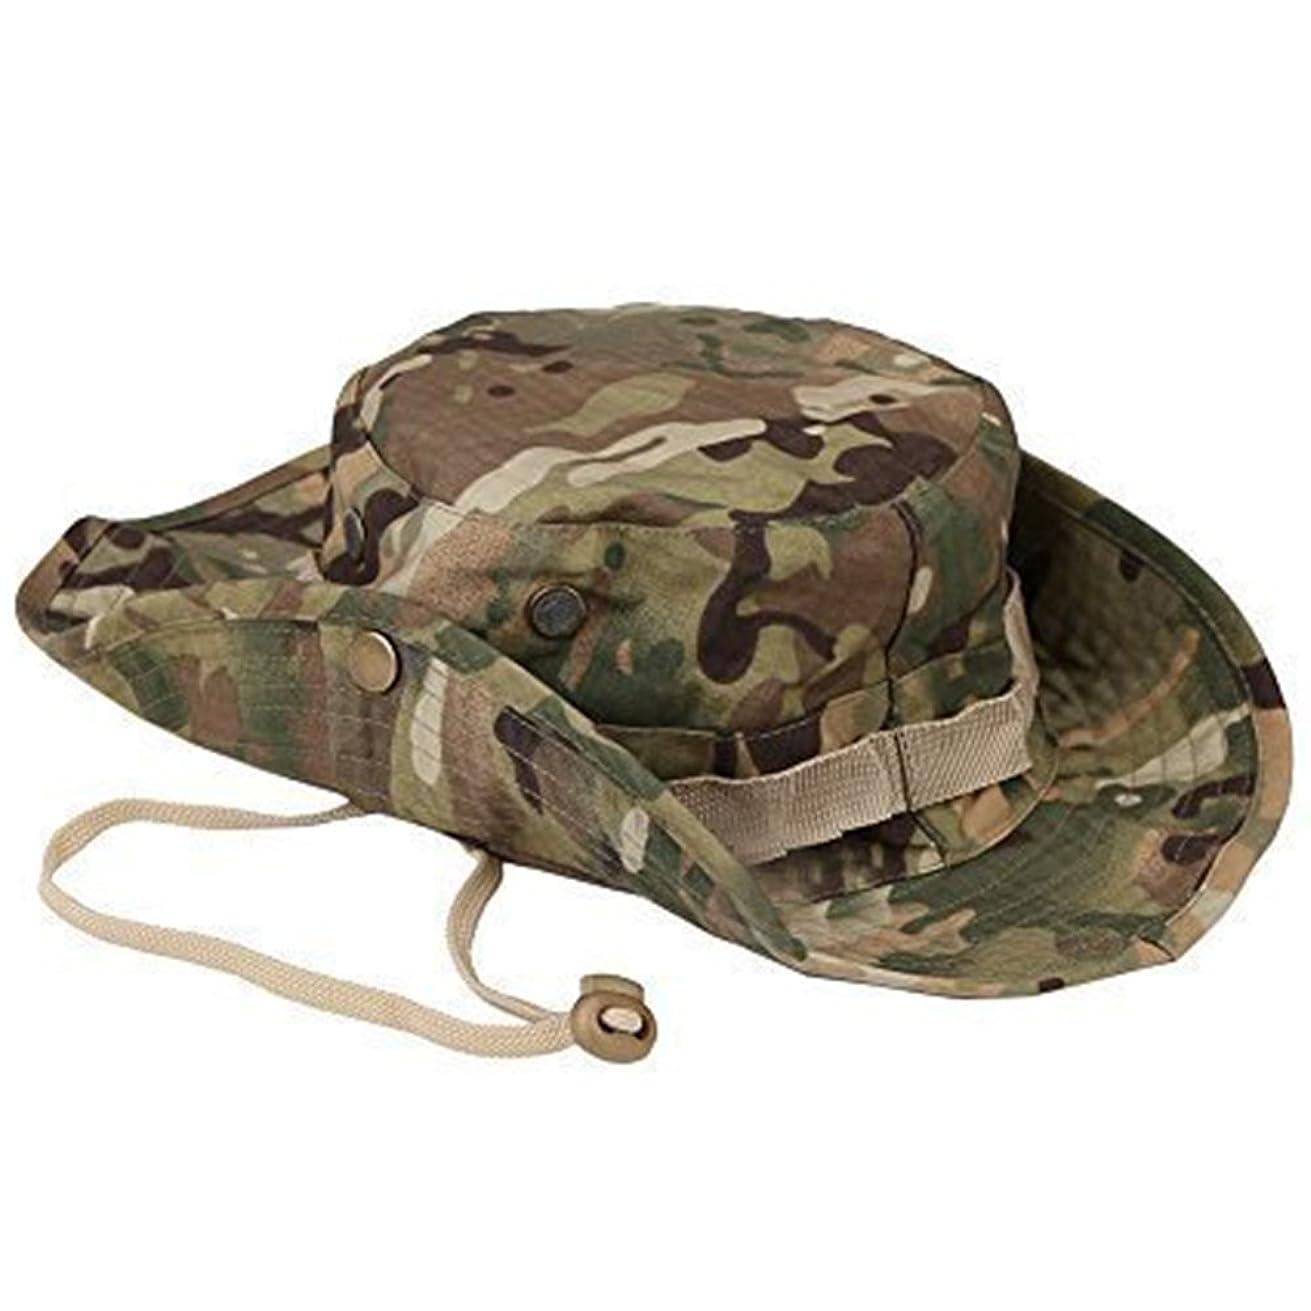 論争の的魔術財団Laat Sun Hat Fisherman Capハイキング旅行帽子紫外線対策ソーラーBonnet Printed迷彩釣り帽子女性の男性のための帽子